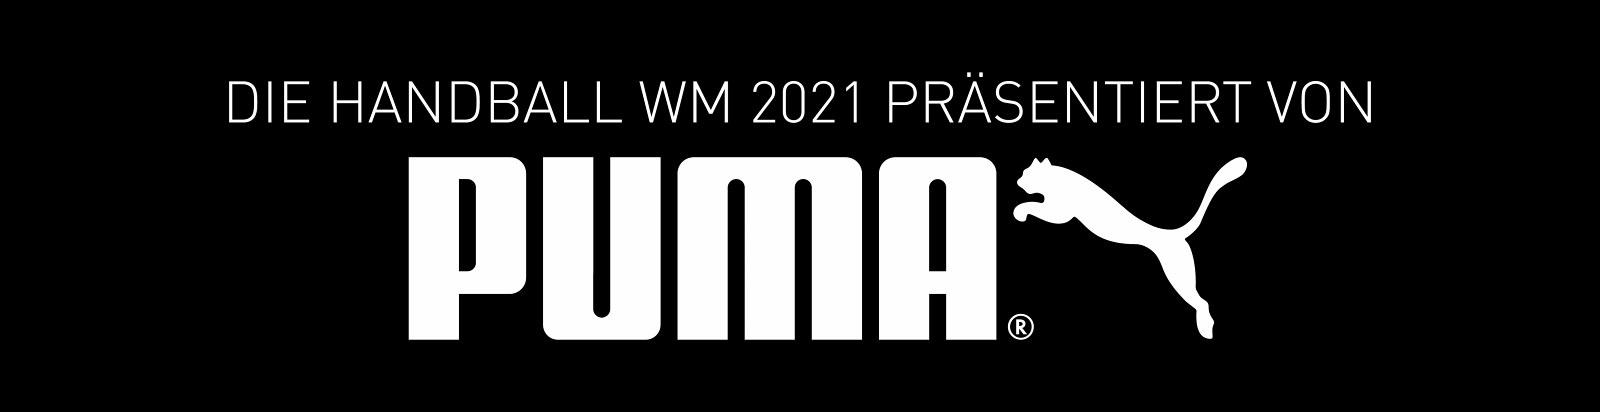 Wm 2021 Maskottchen